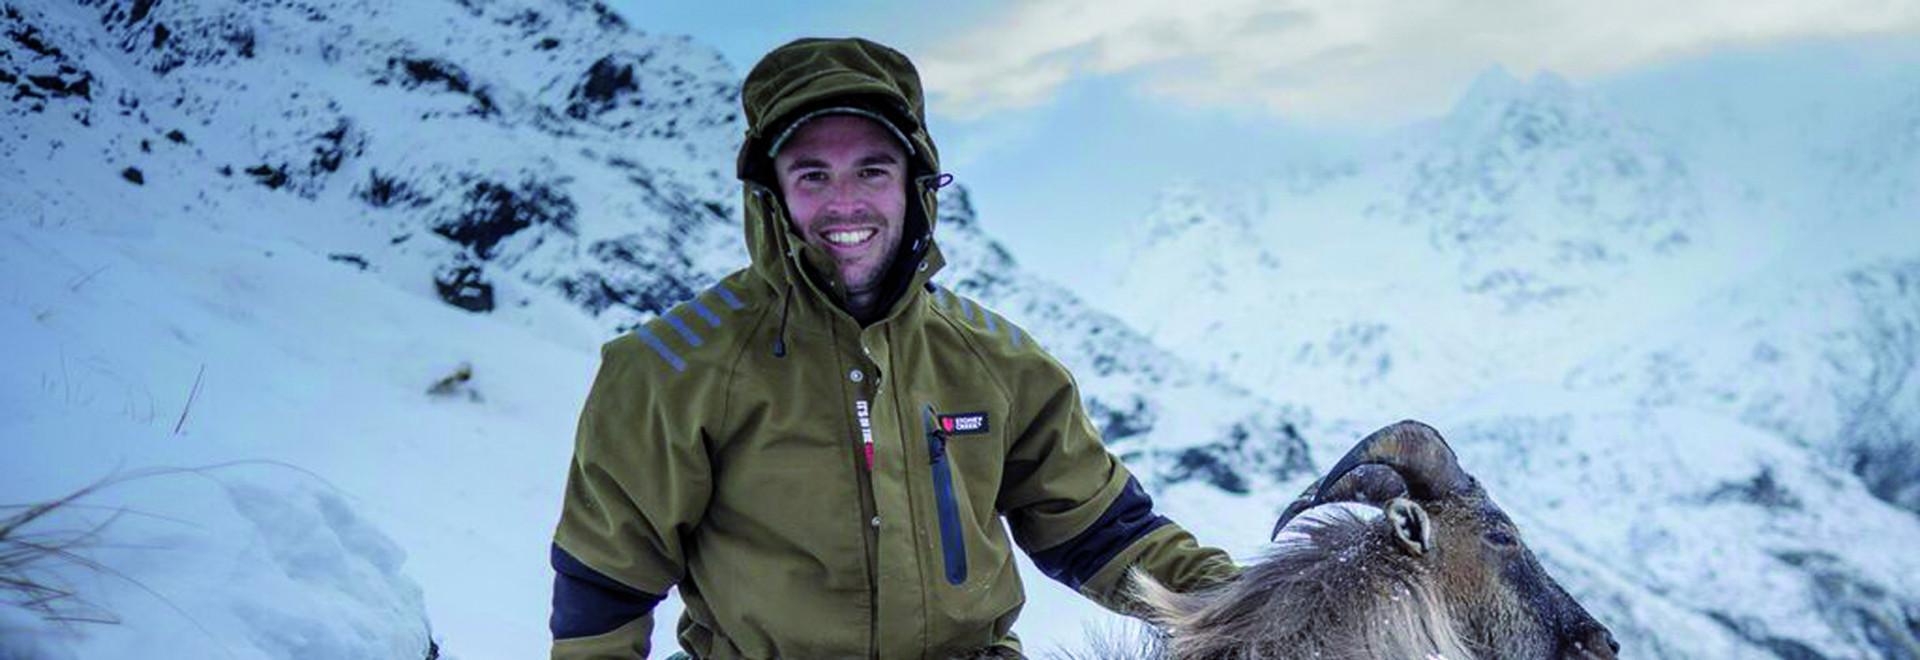 Avventure di caccia in Nuova Zelanda